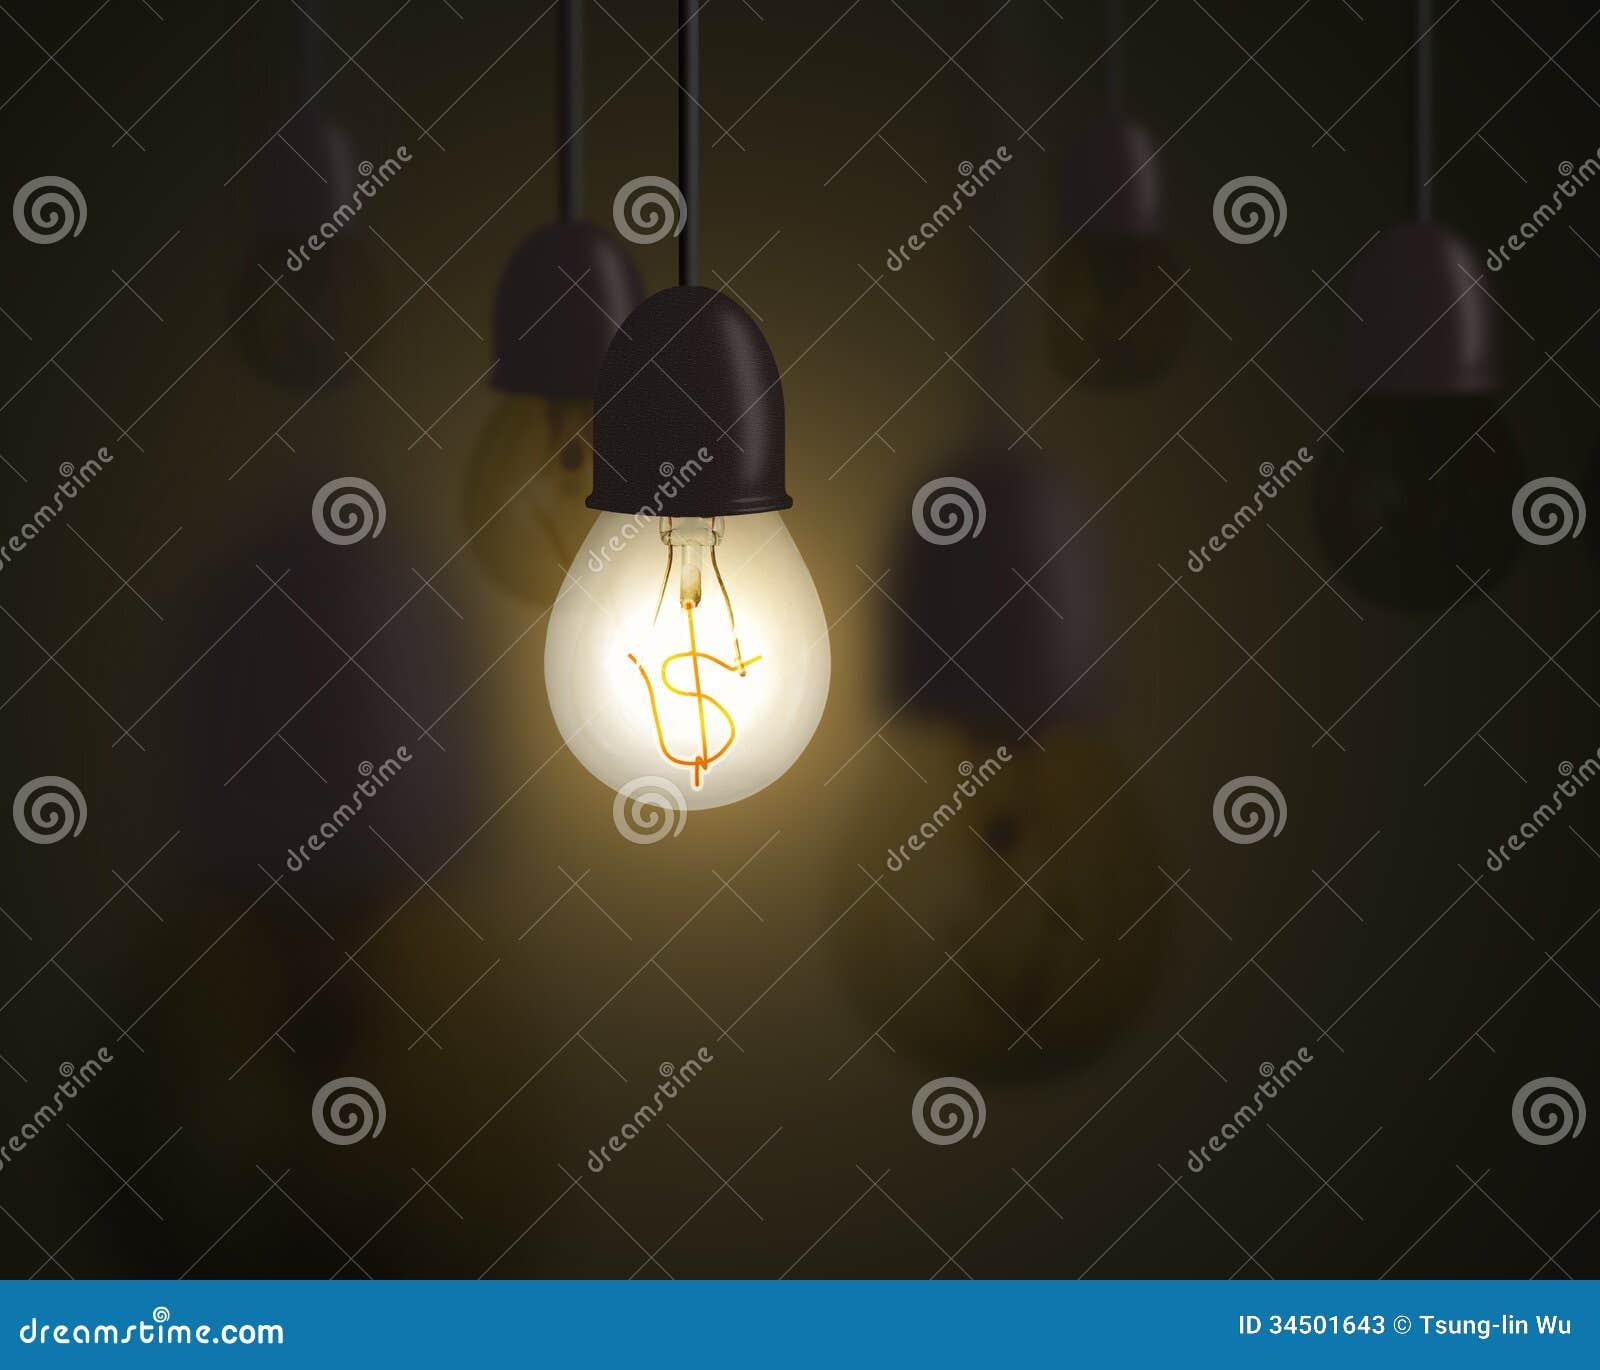 Идея концепция денег, шарик освещения с символом денег внутри